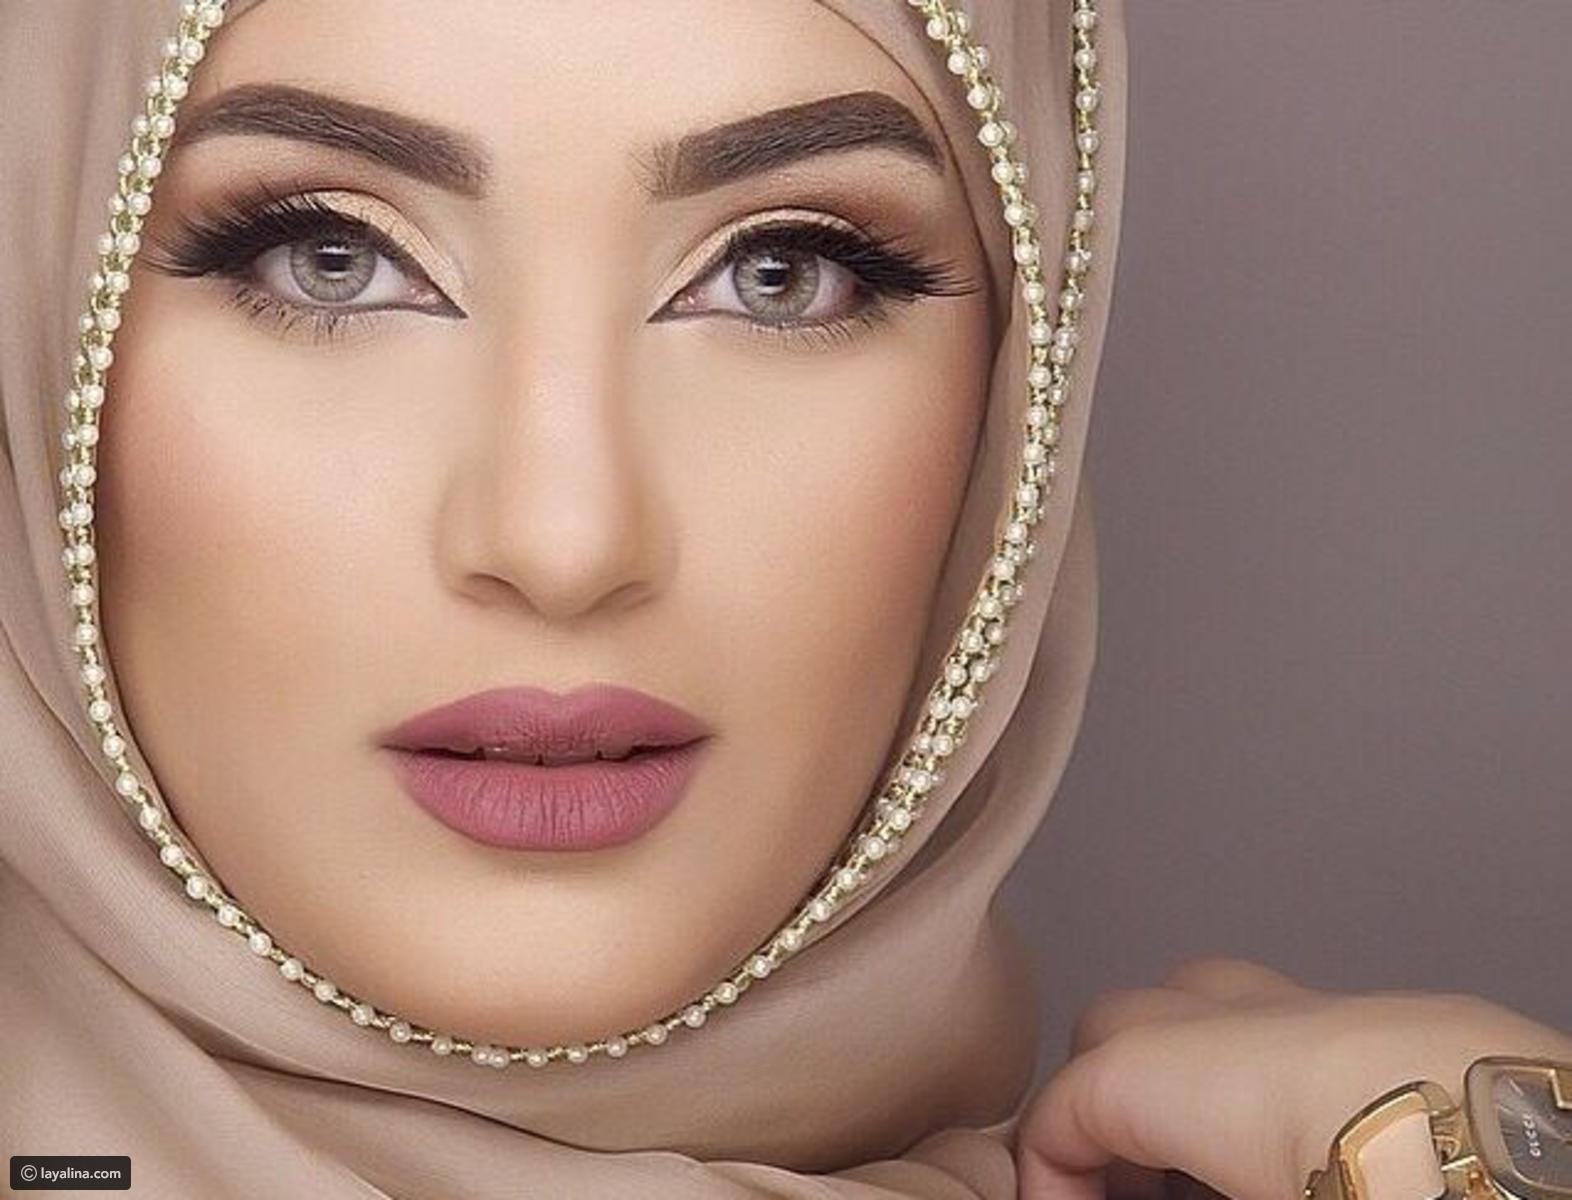 صور اجمل بنات محجبات بدون مكياج , صورة حلوة للحجاب